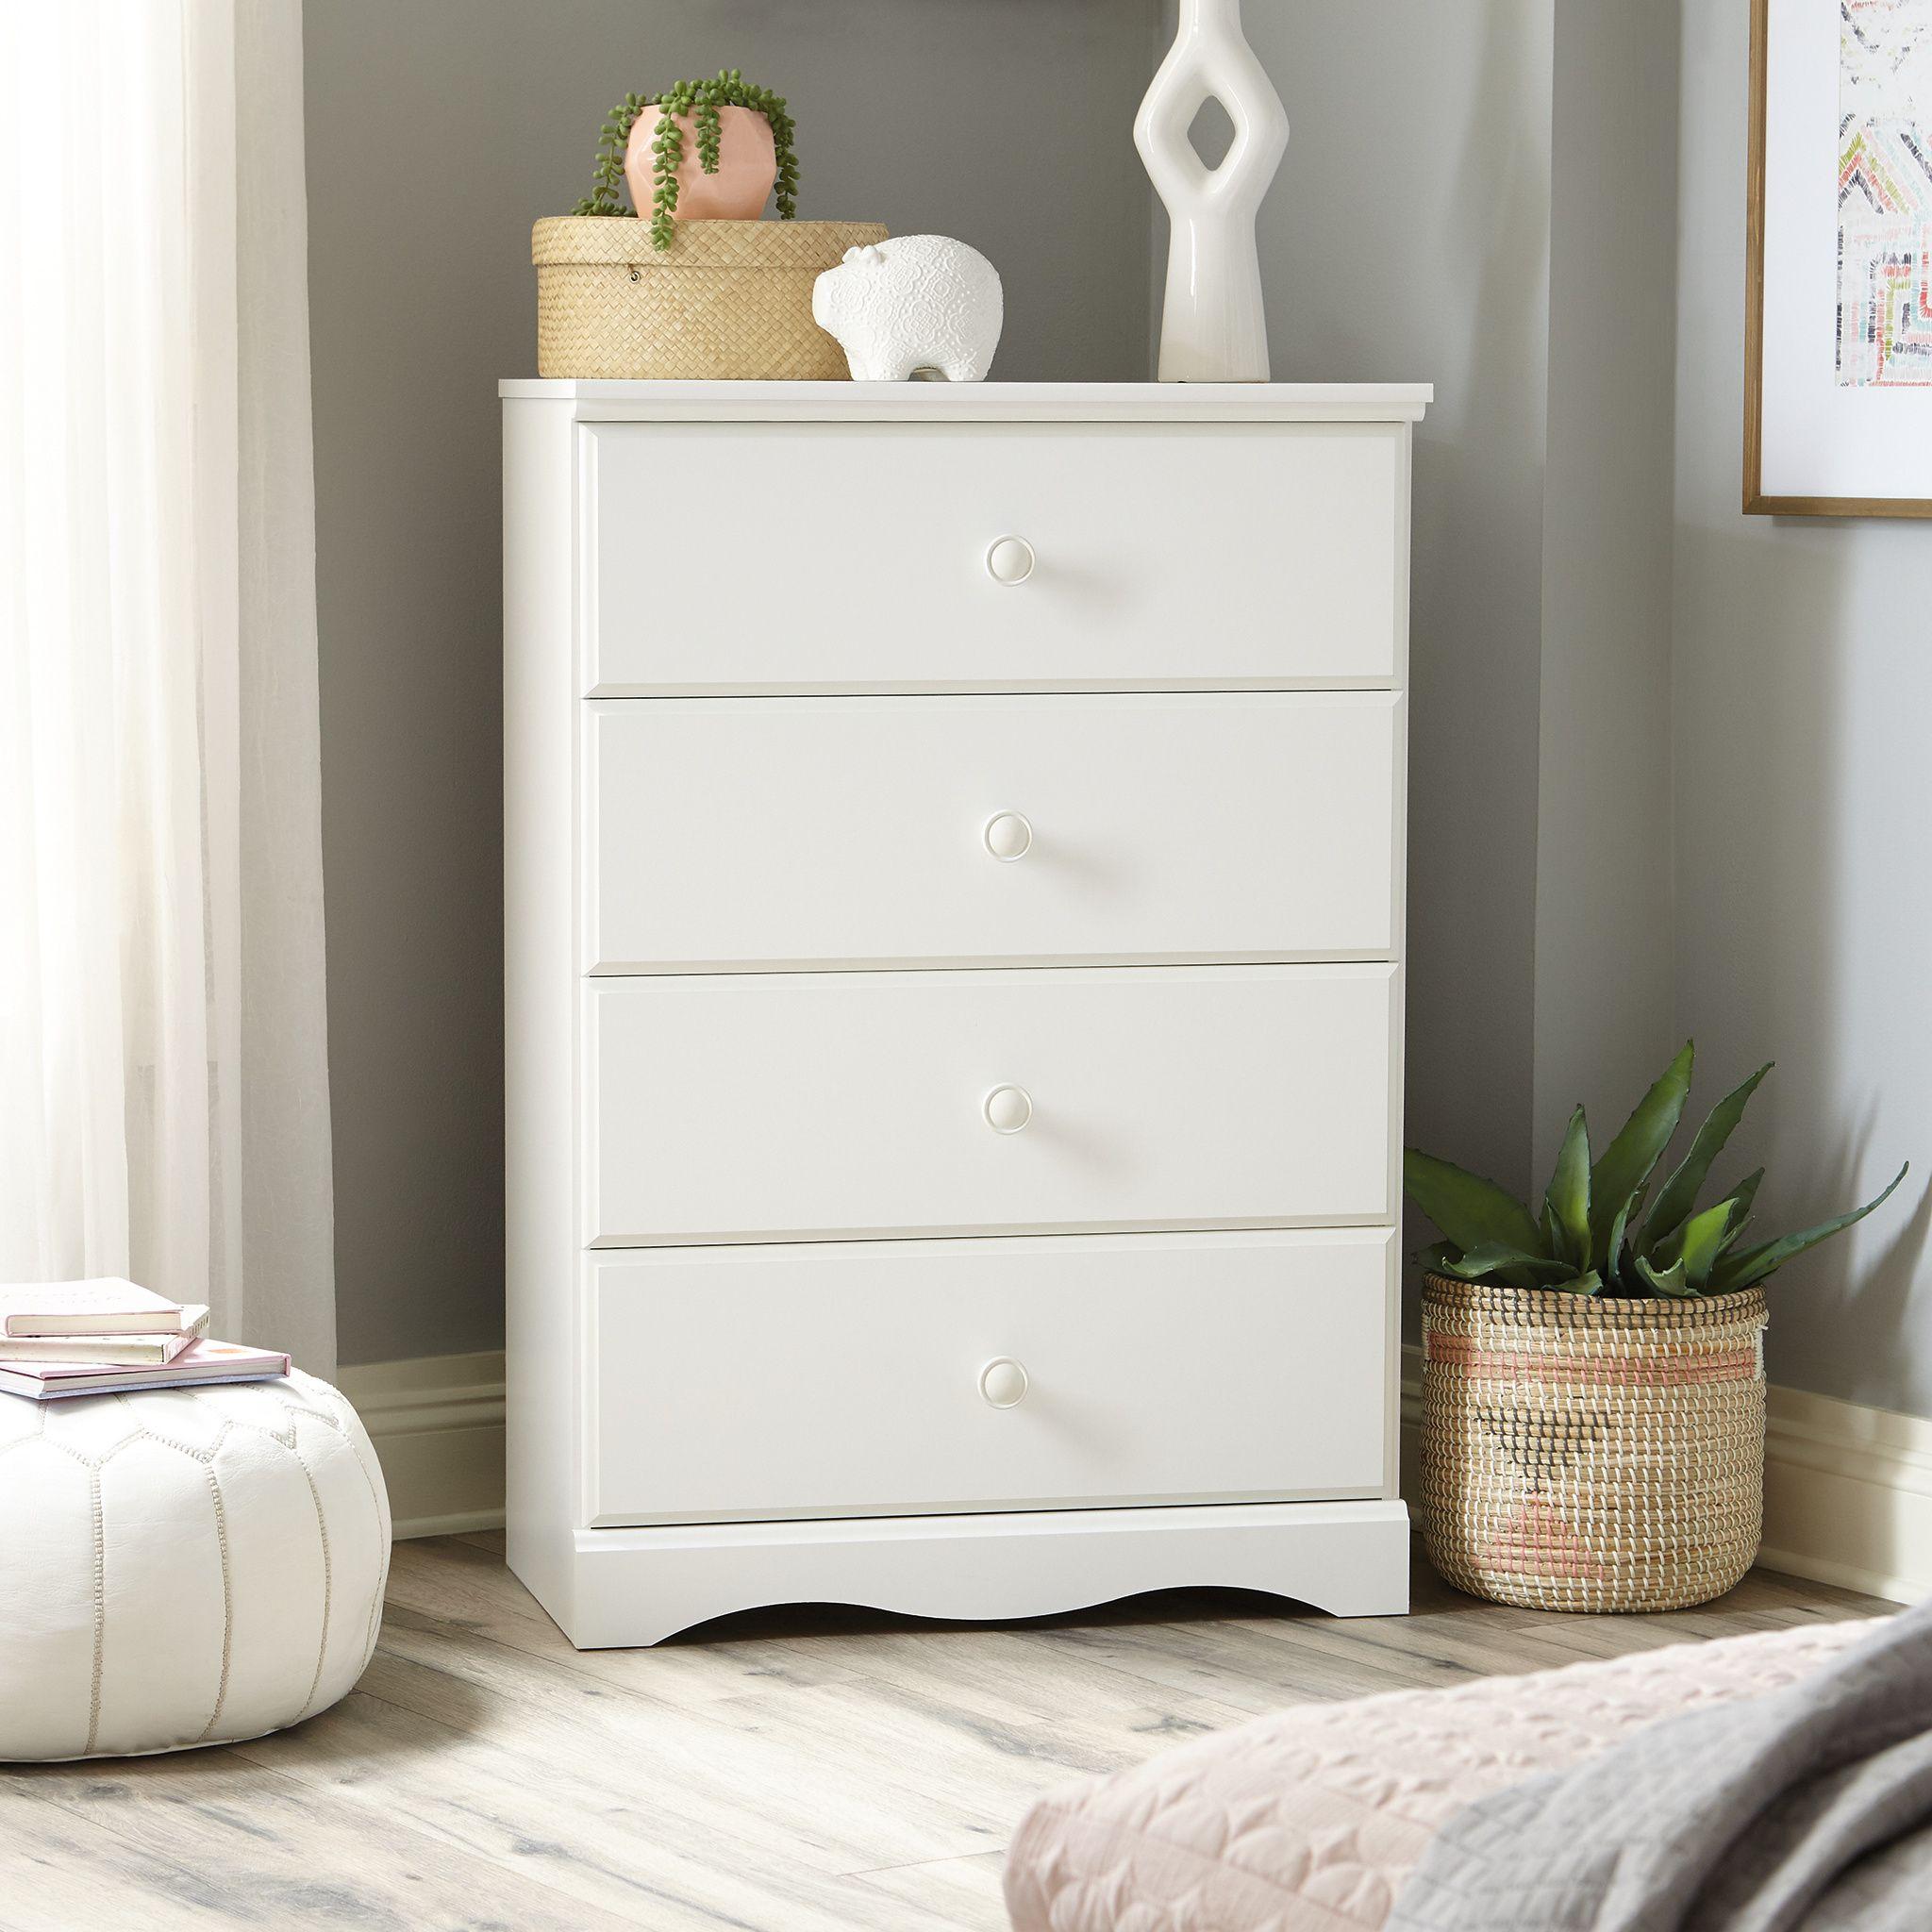 Home in 2020 Modern storage furniture, 4 drawer dresser